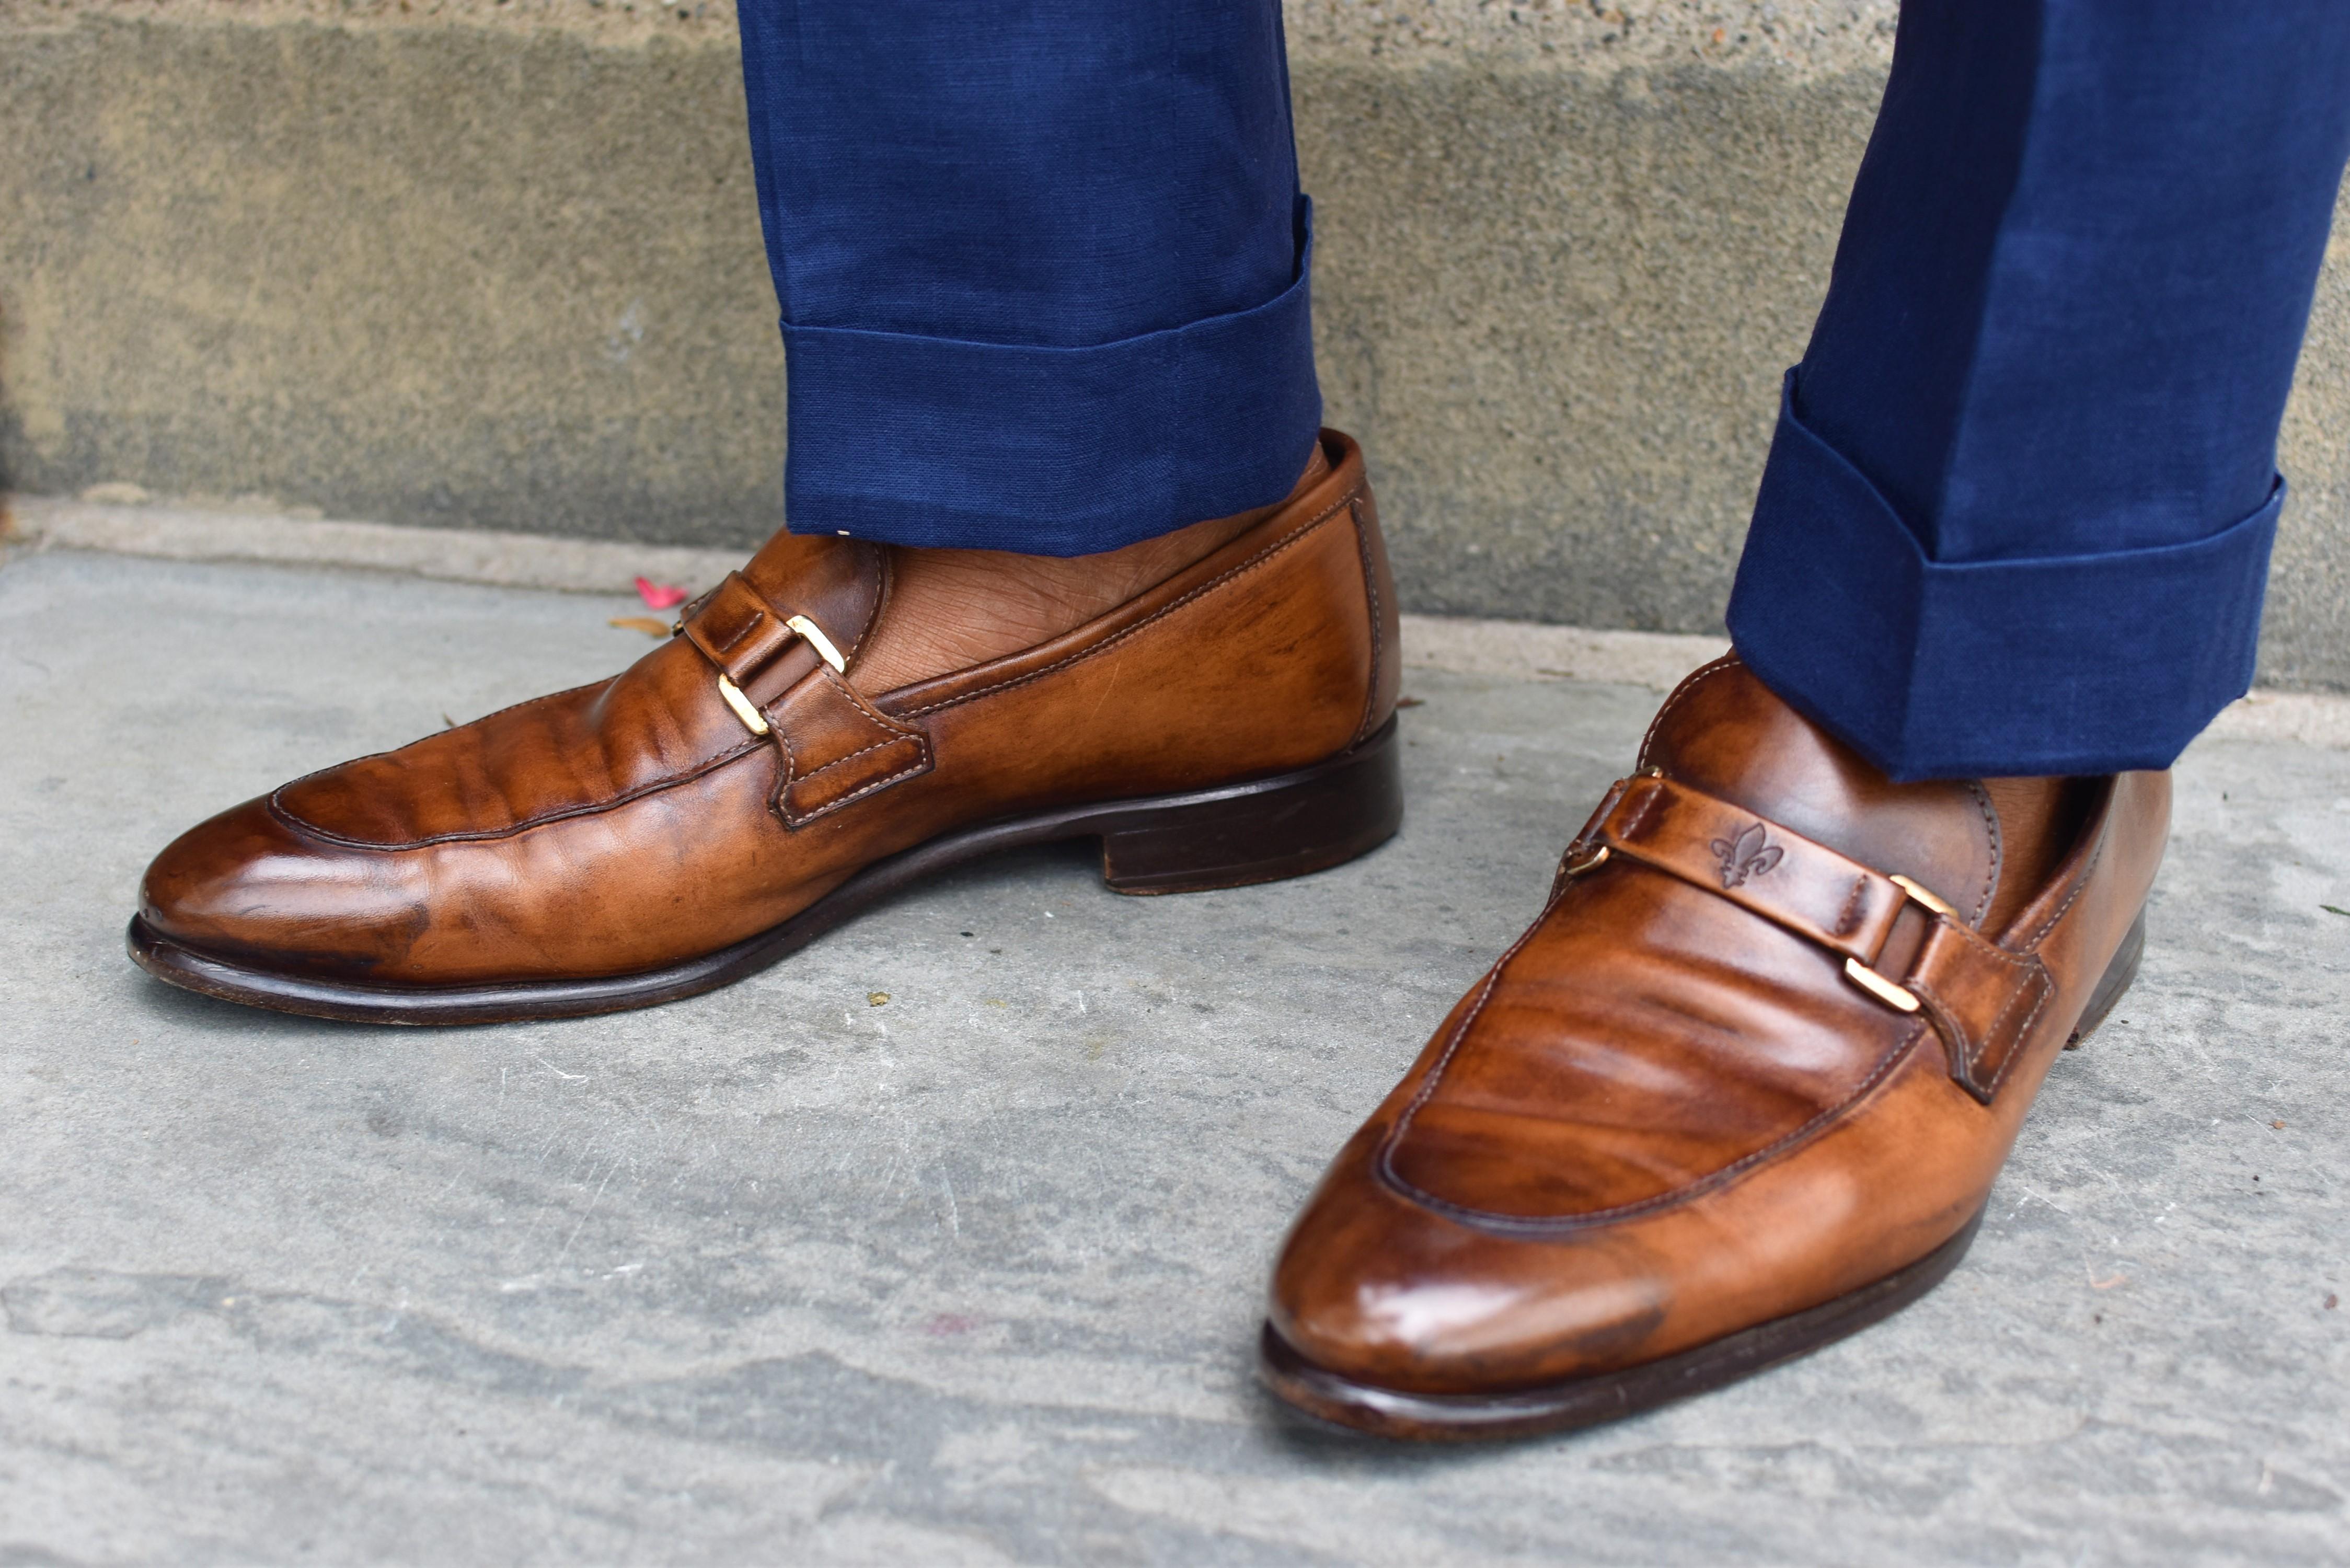 http://www.tailor4less.com/en-us/men/unstructured-suits/